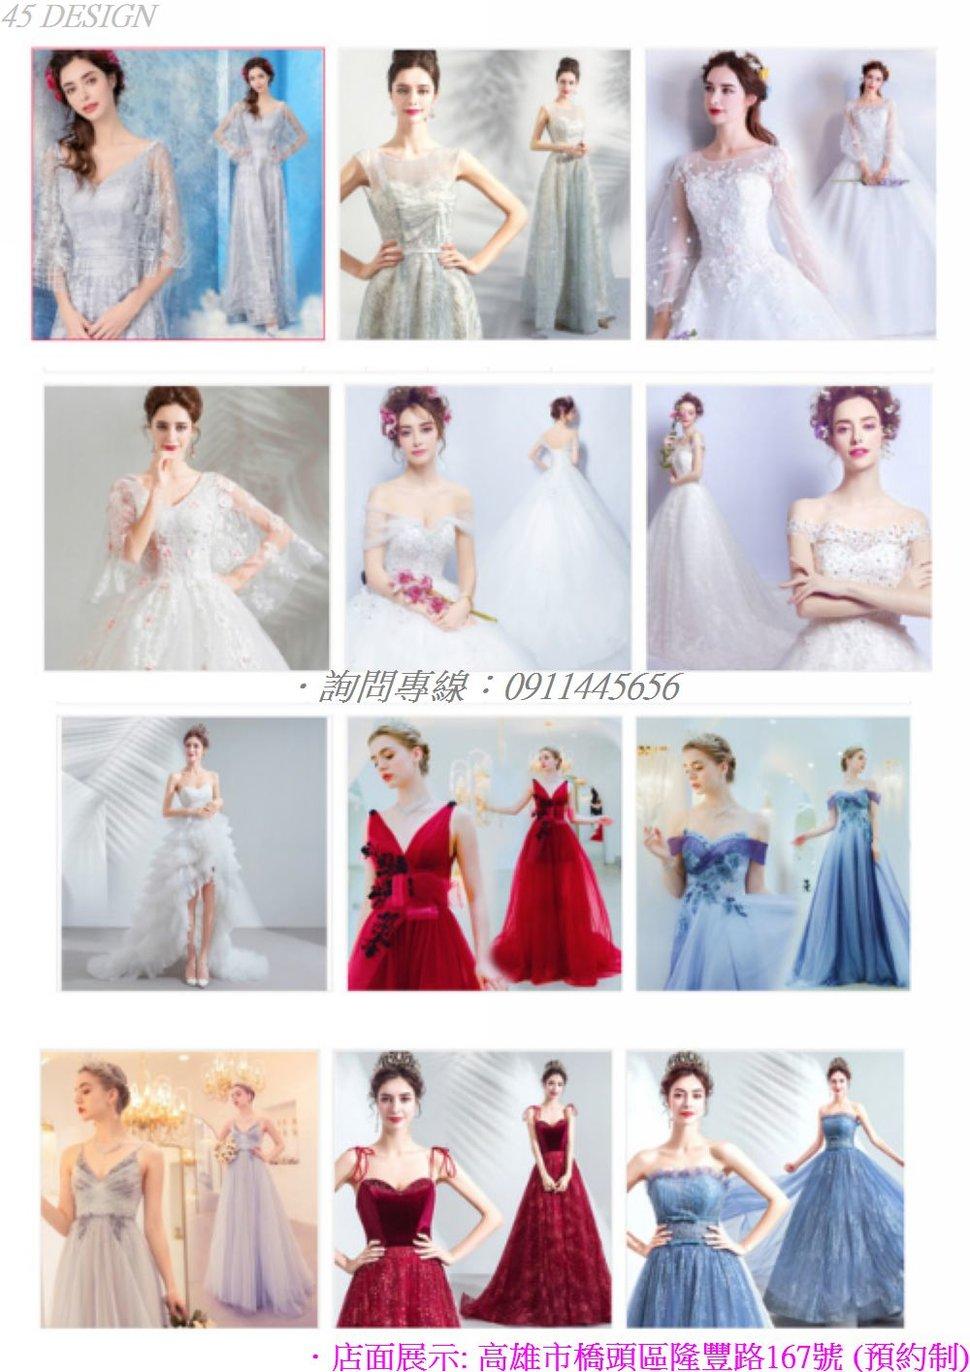 msl190815446F5D576ACD44589751E566AC4BFE6E - 全台最便宜-45DESIGN四五婚紗禮服《結婚吧》